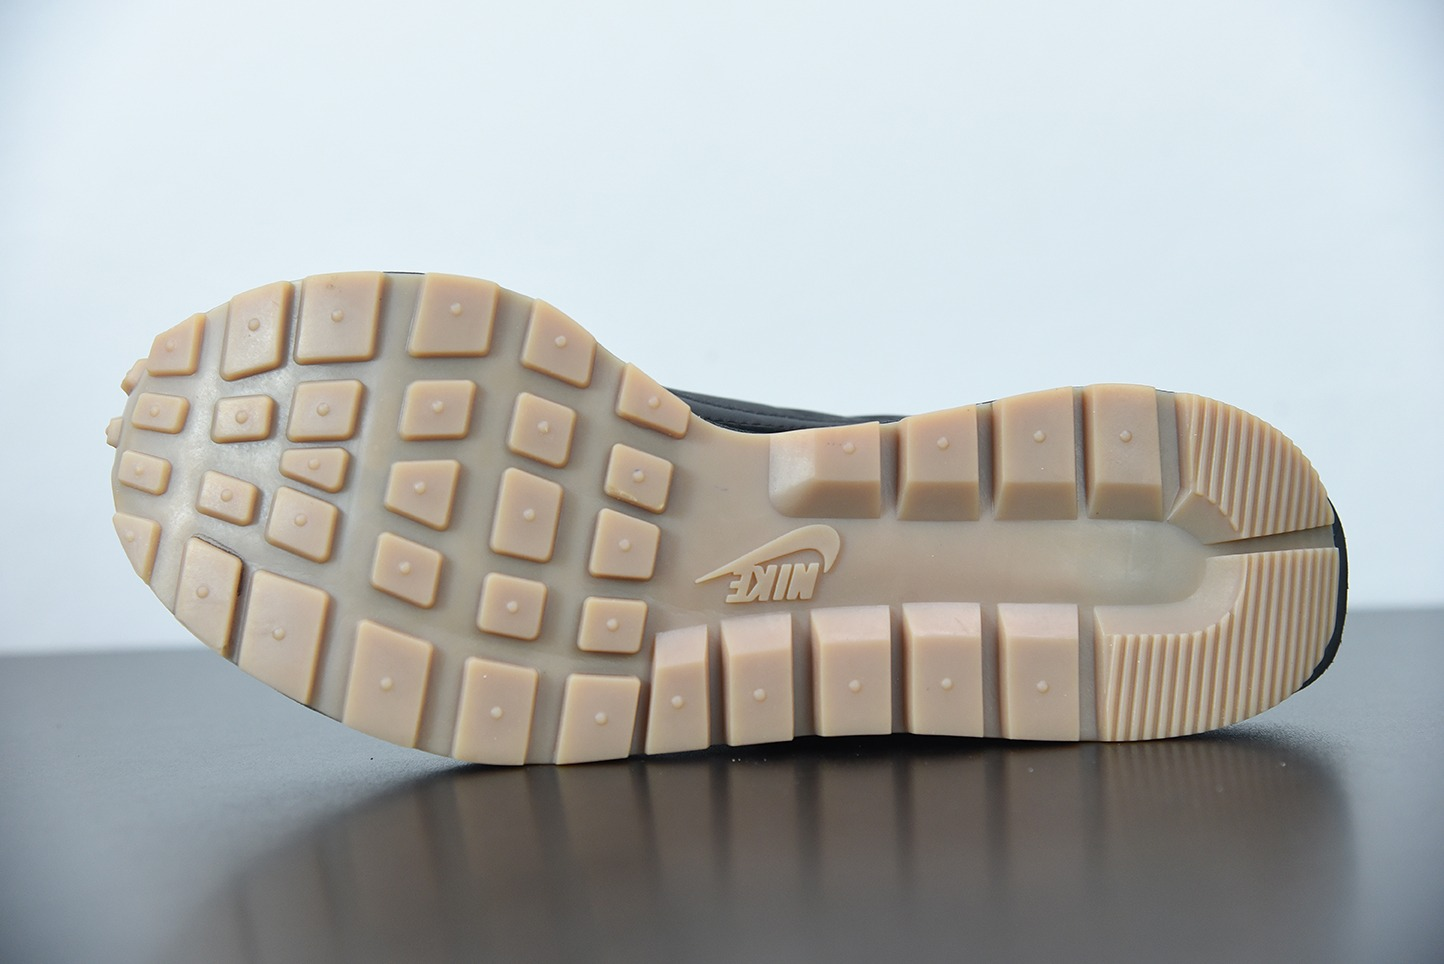 耐克Sacai X NK Vaporwaffle 华夫三代3.0纯黑厚布黑生胶大重叠双钩走秀重磅联名合作款纯原版本 货号: DD1875-001